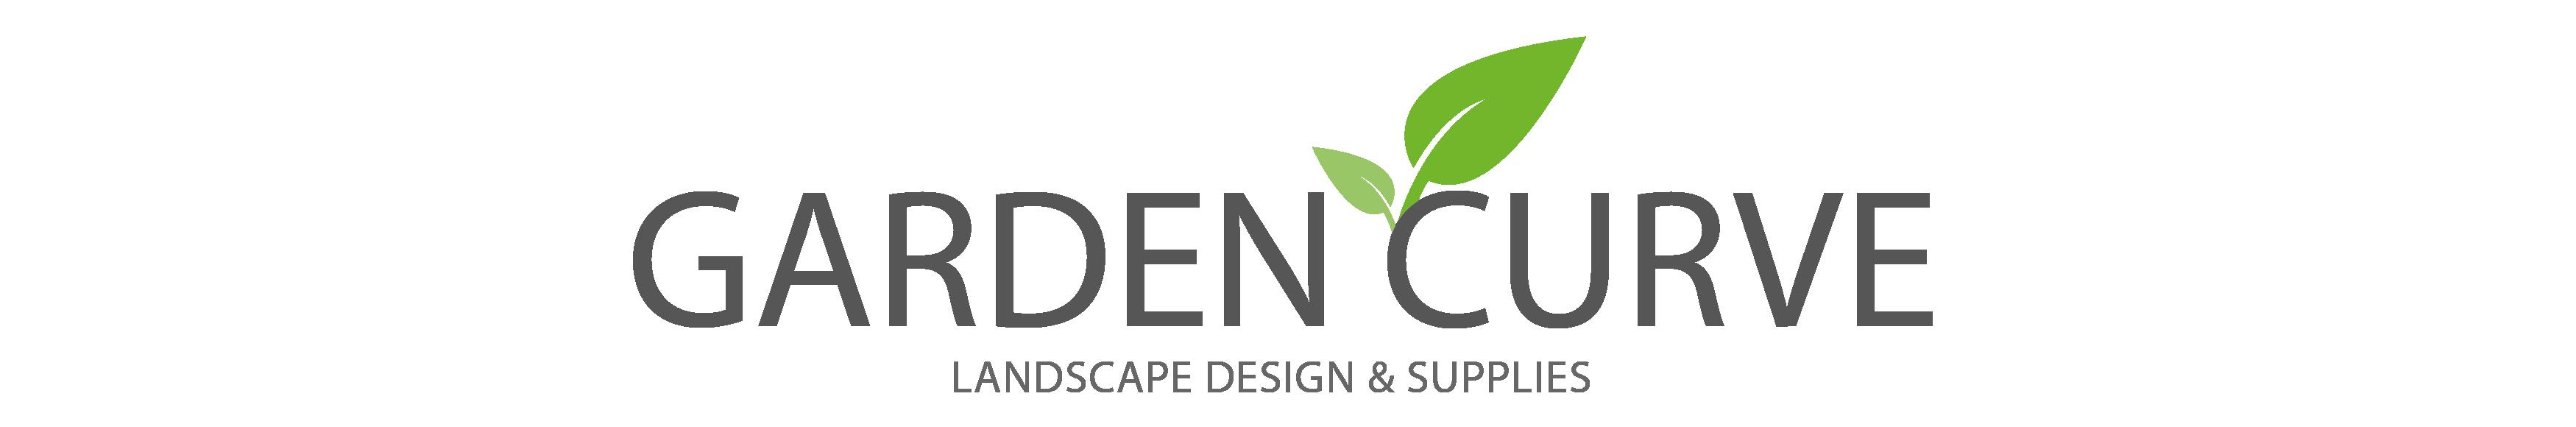 GARDEN CURVE รับออกแบบจัดสวน จัดหาพรรณไม้ตามสั่ง บริการปูหญ้า ติดตั้งระบบให้น้ำอัตโนมัติ โทร 065-558-5285/ 065-561-3885